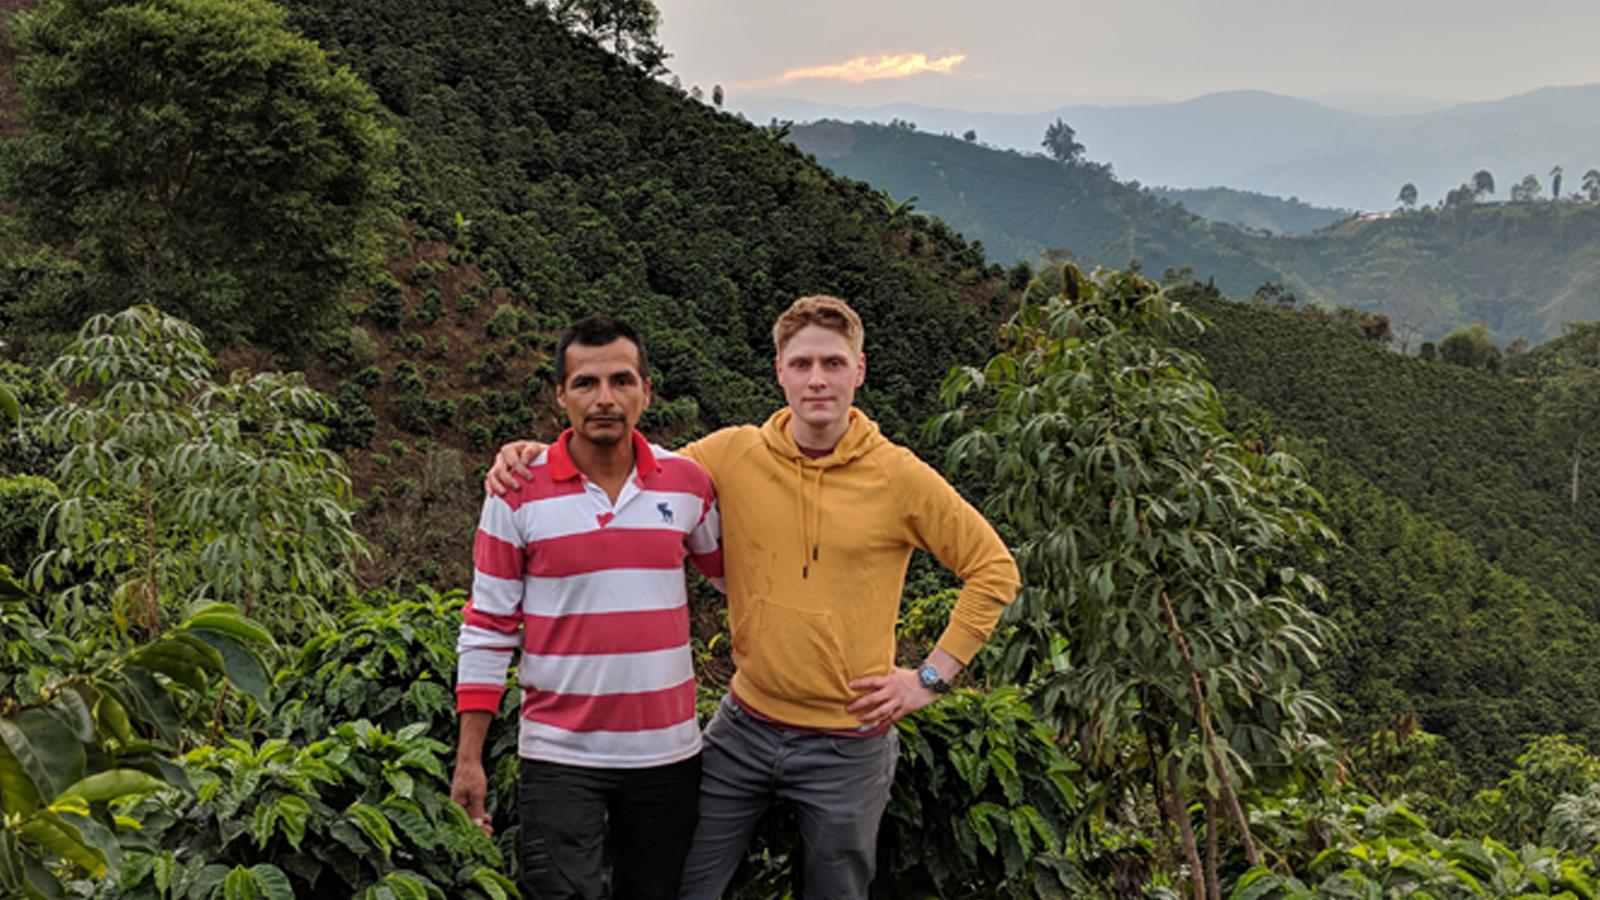 Lincoln & York Colombia origin trip 2018